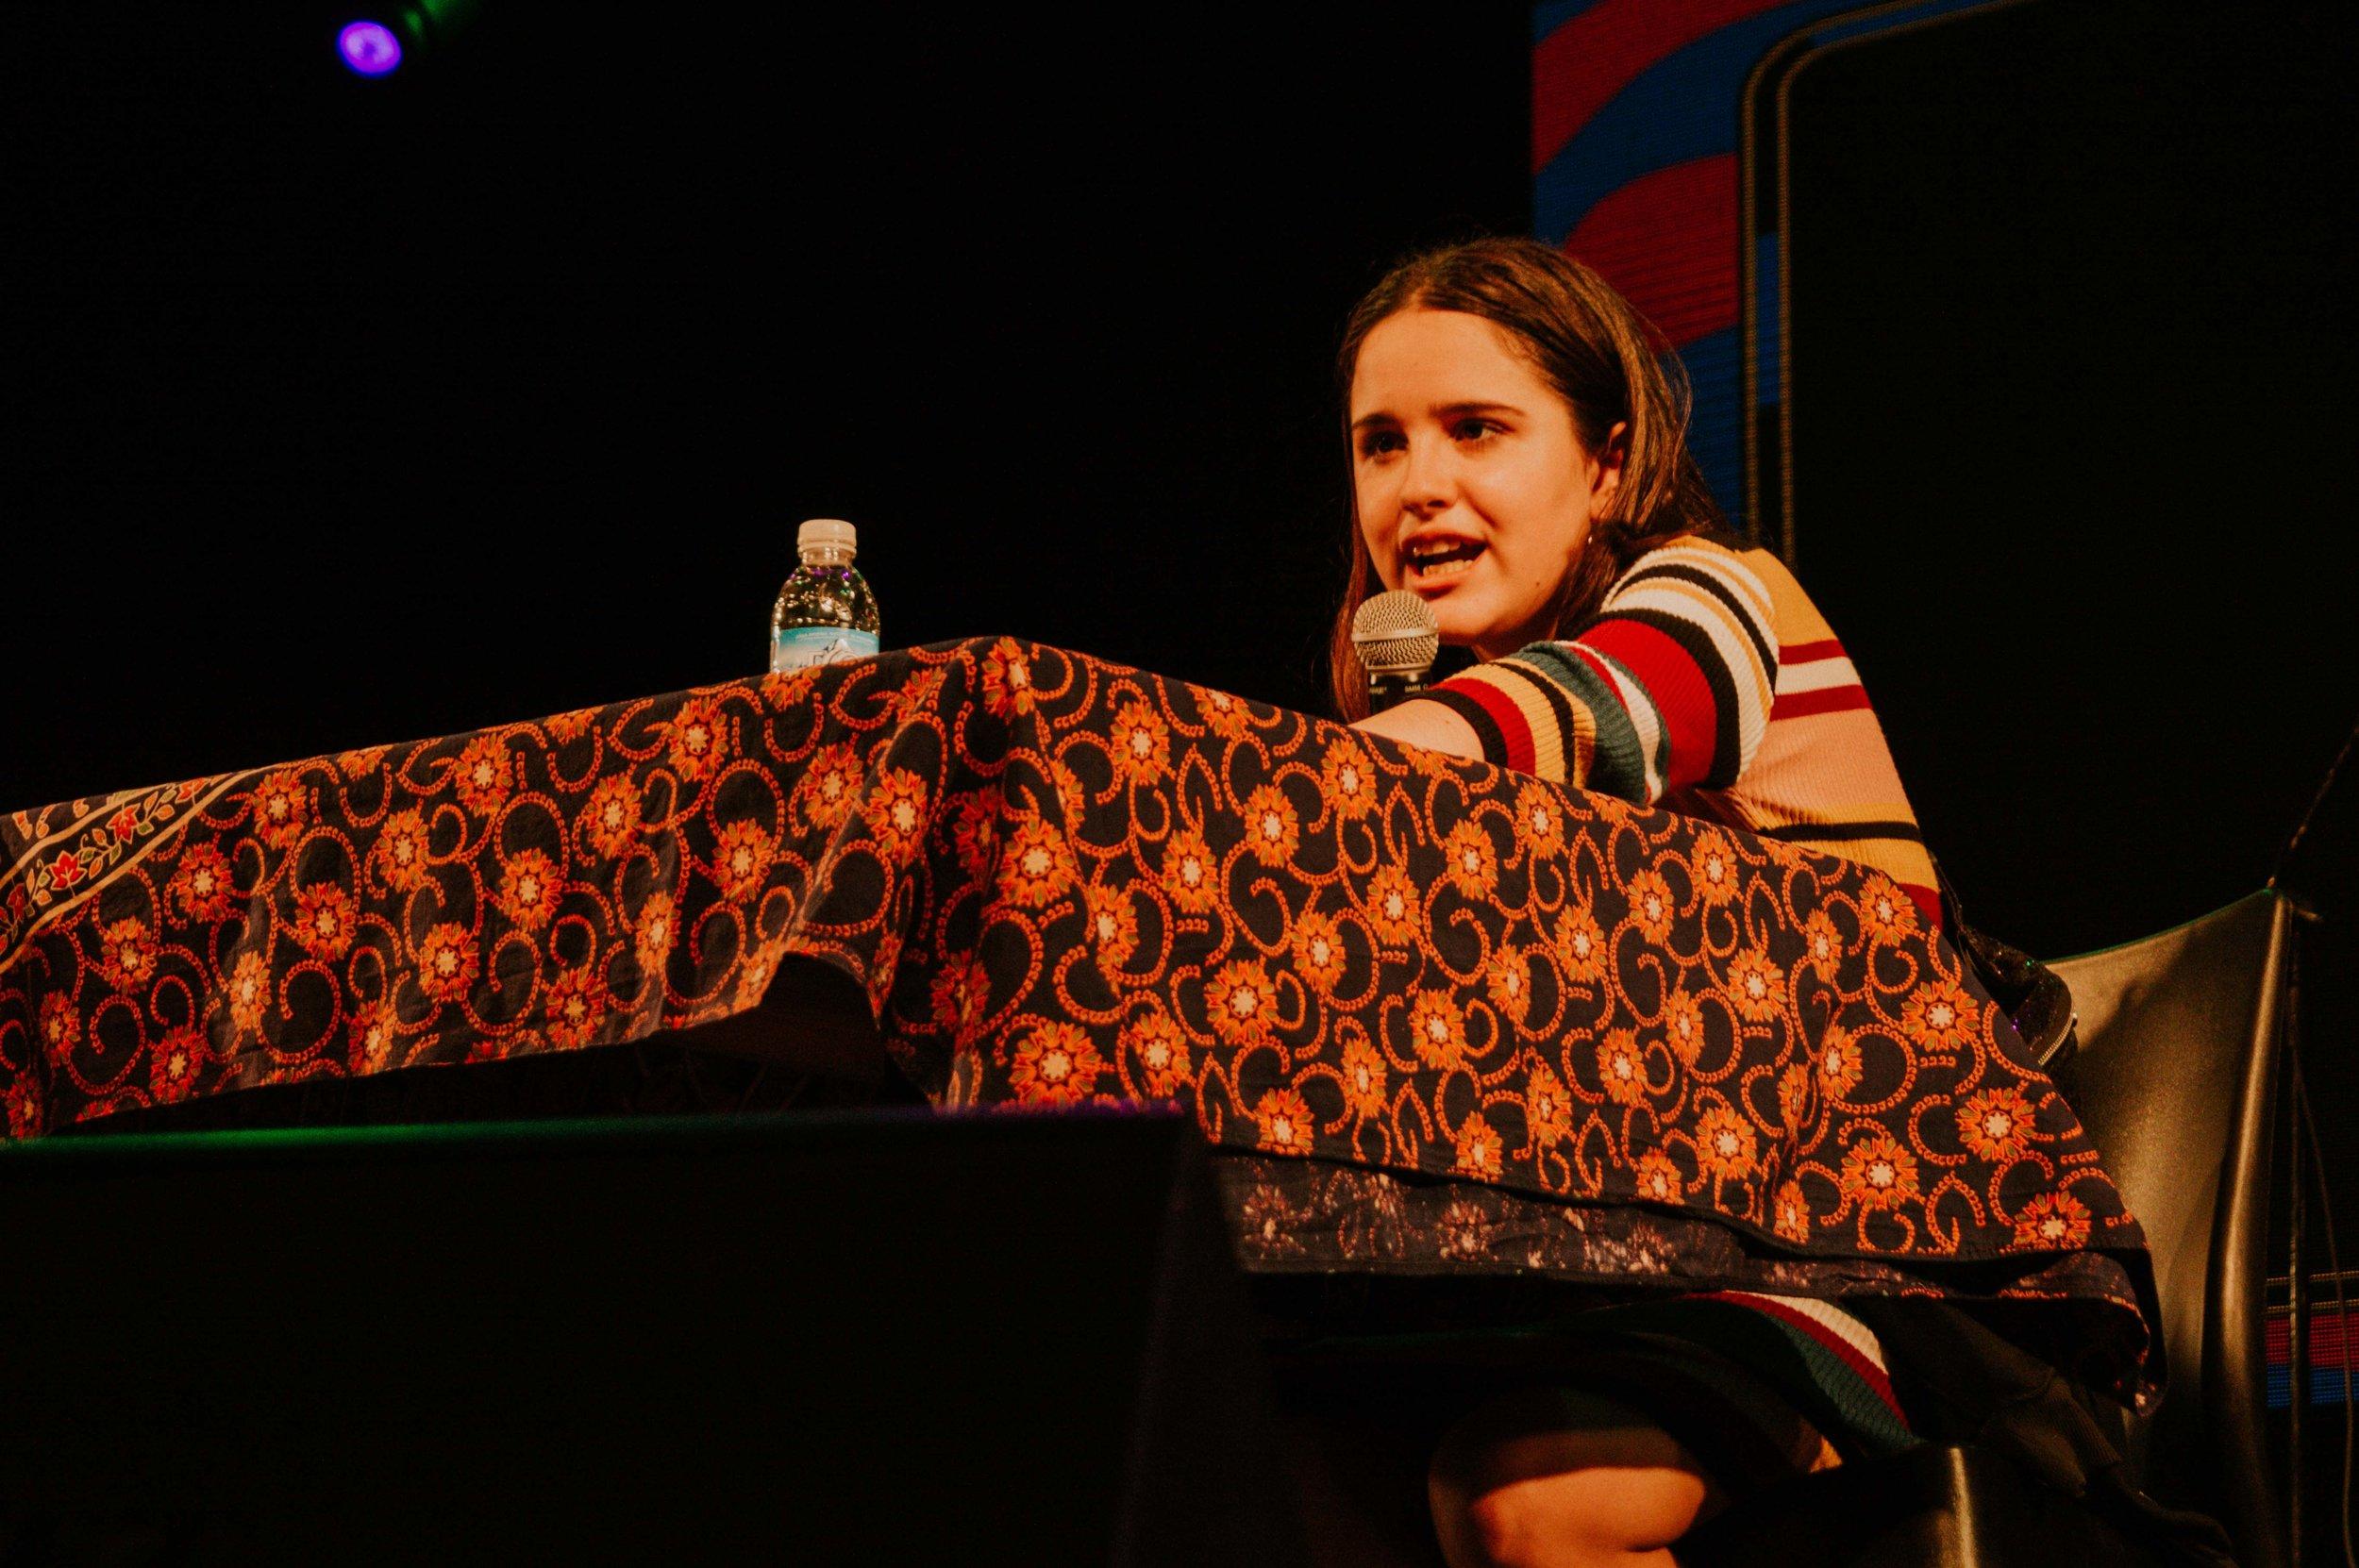 Agostina Rossini - Festival GRL PWR Cordoba 2019-28.jpg